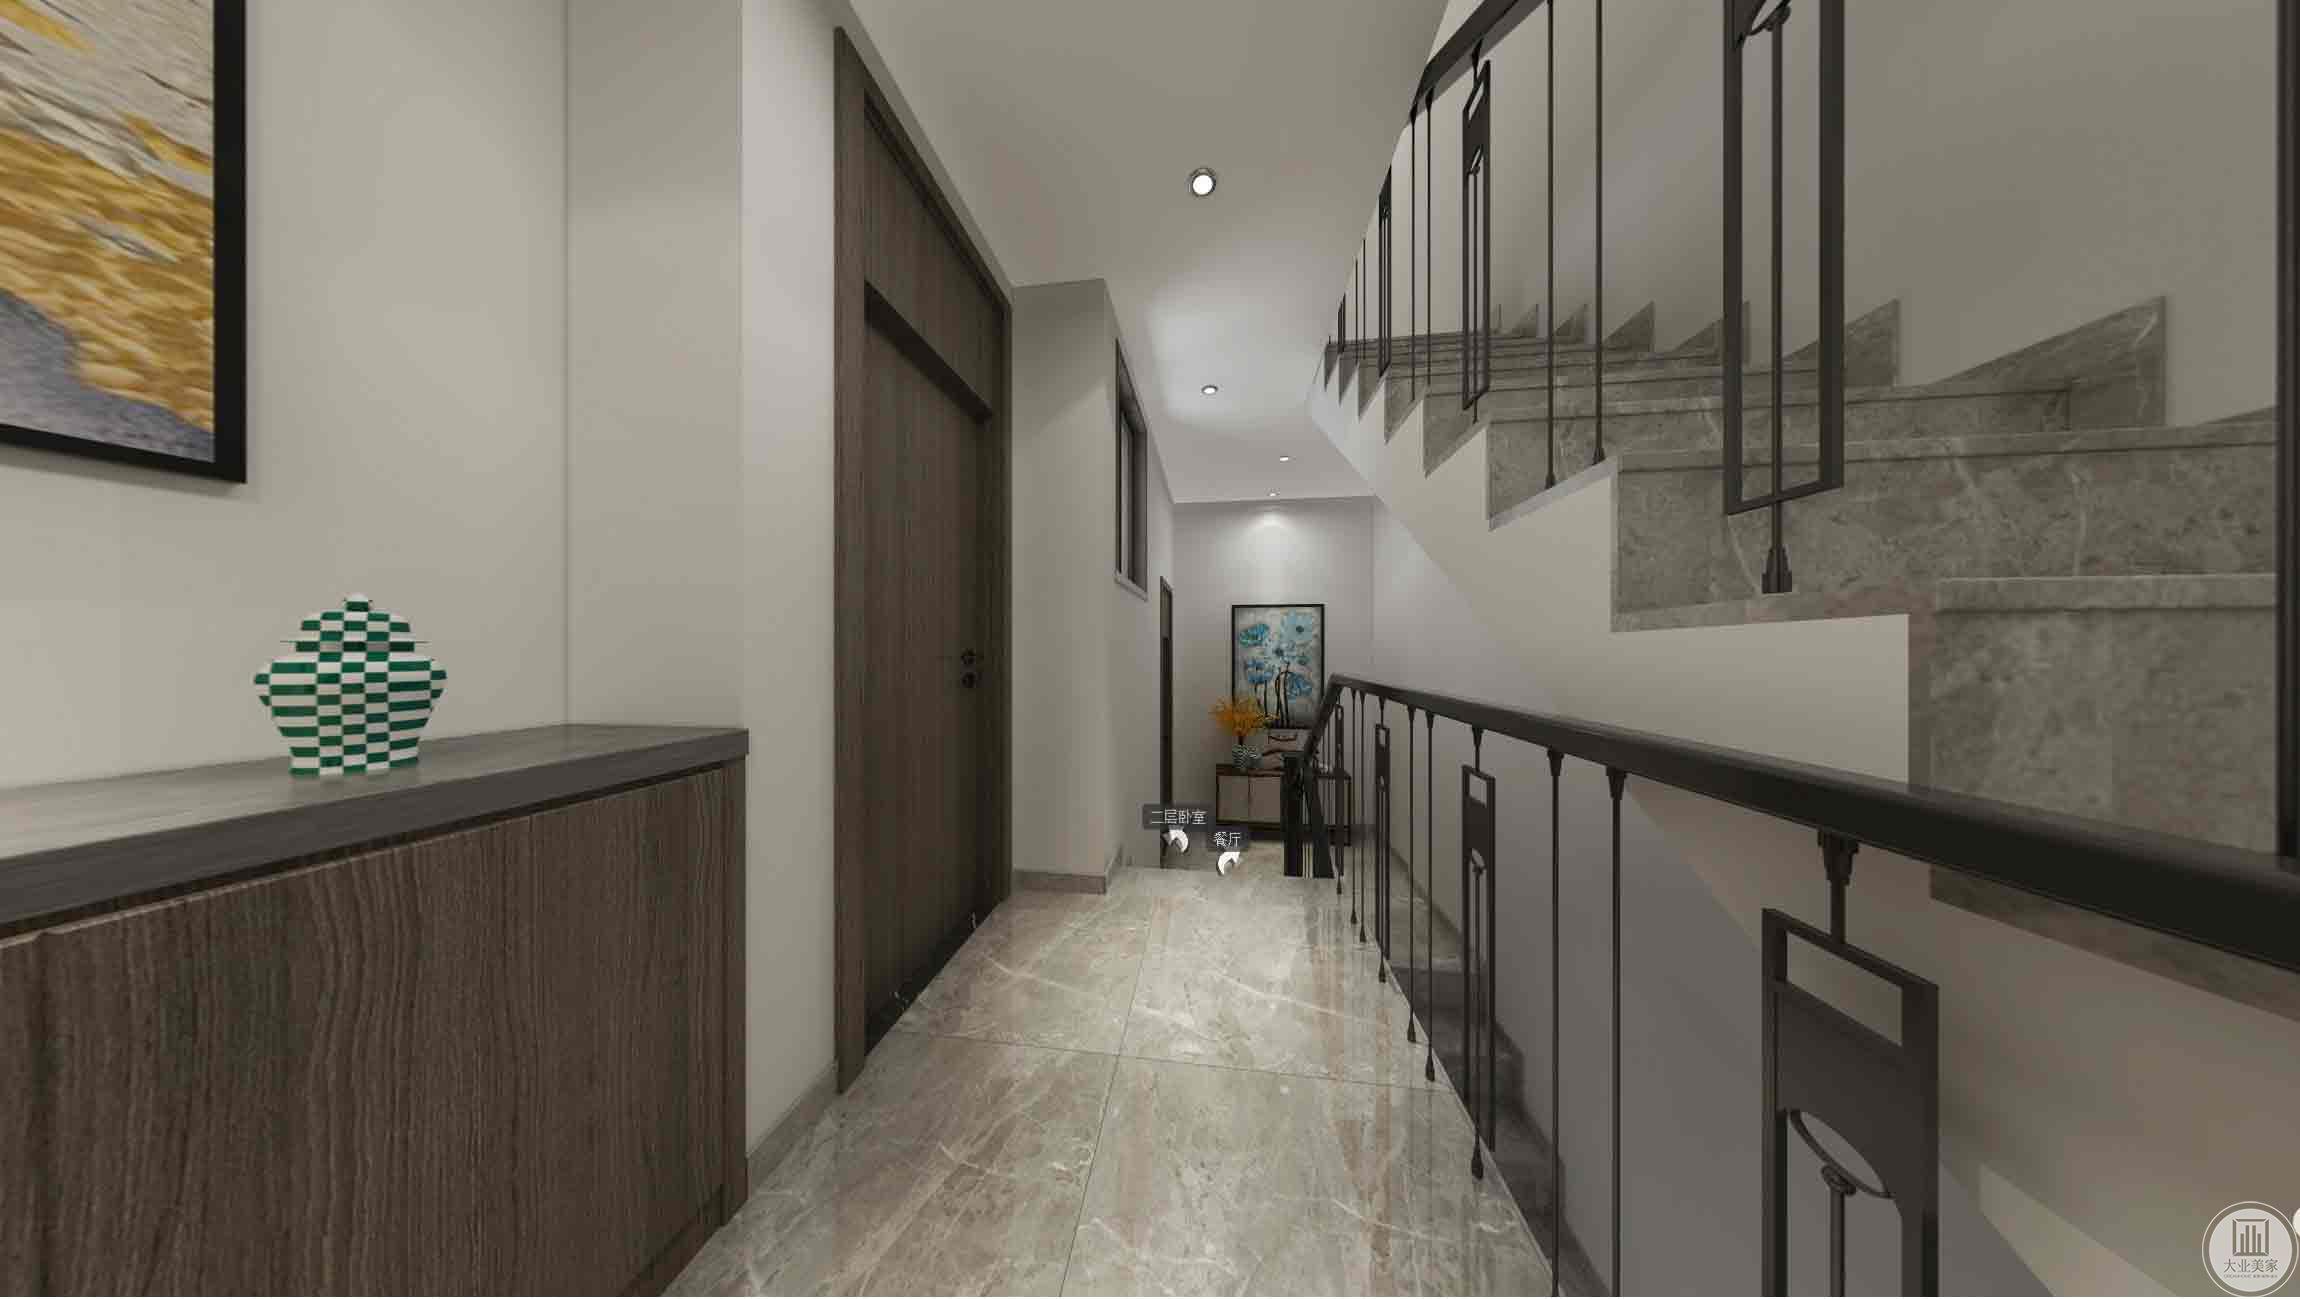 二楼走廊:主要以白色、深灰色为主。铁艺的栏杆,墙上挂这艺术增添色彩。